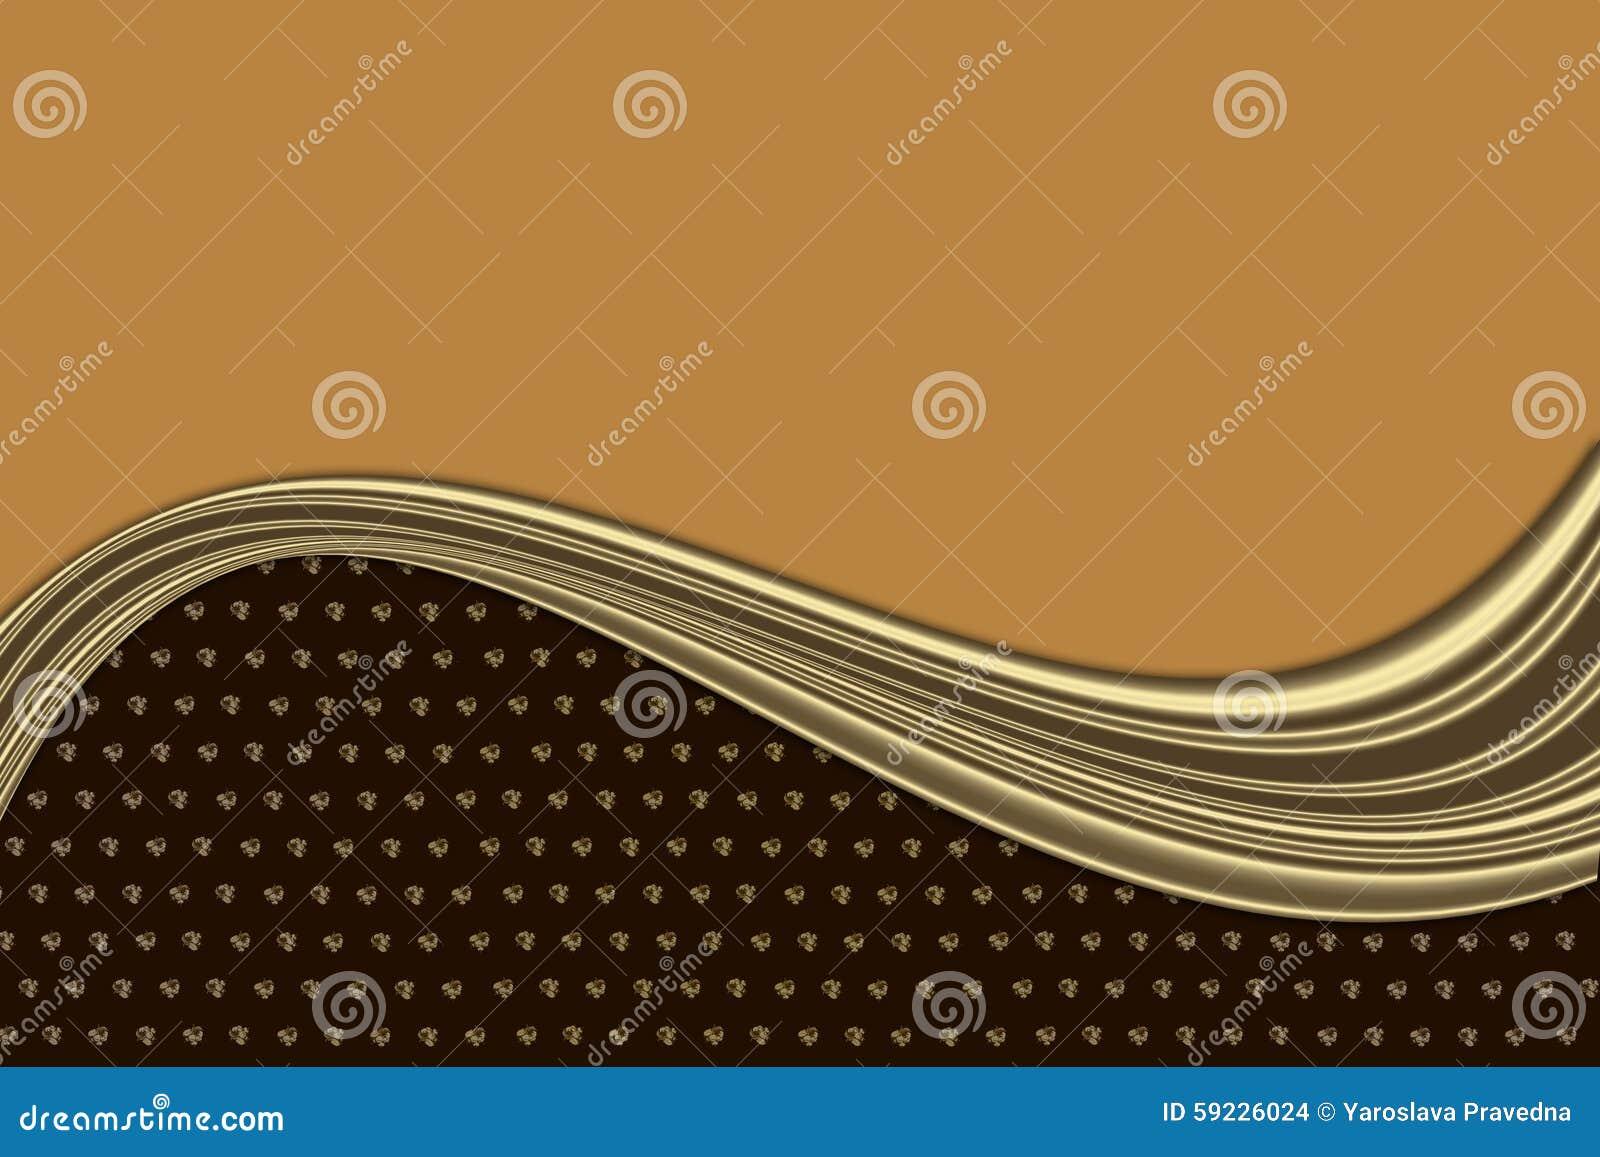 Download Fondo Beige-marrón foto de archivo. Imagen de amarillento - 59226024